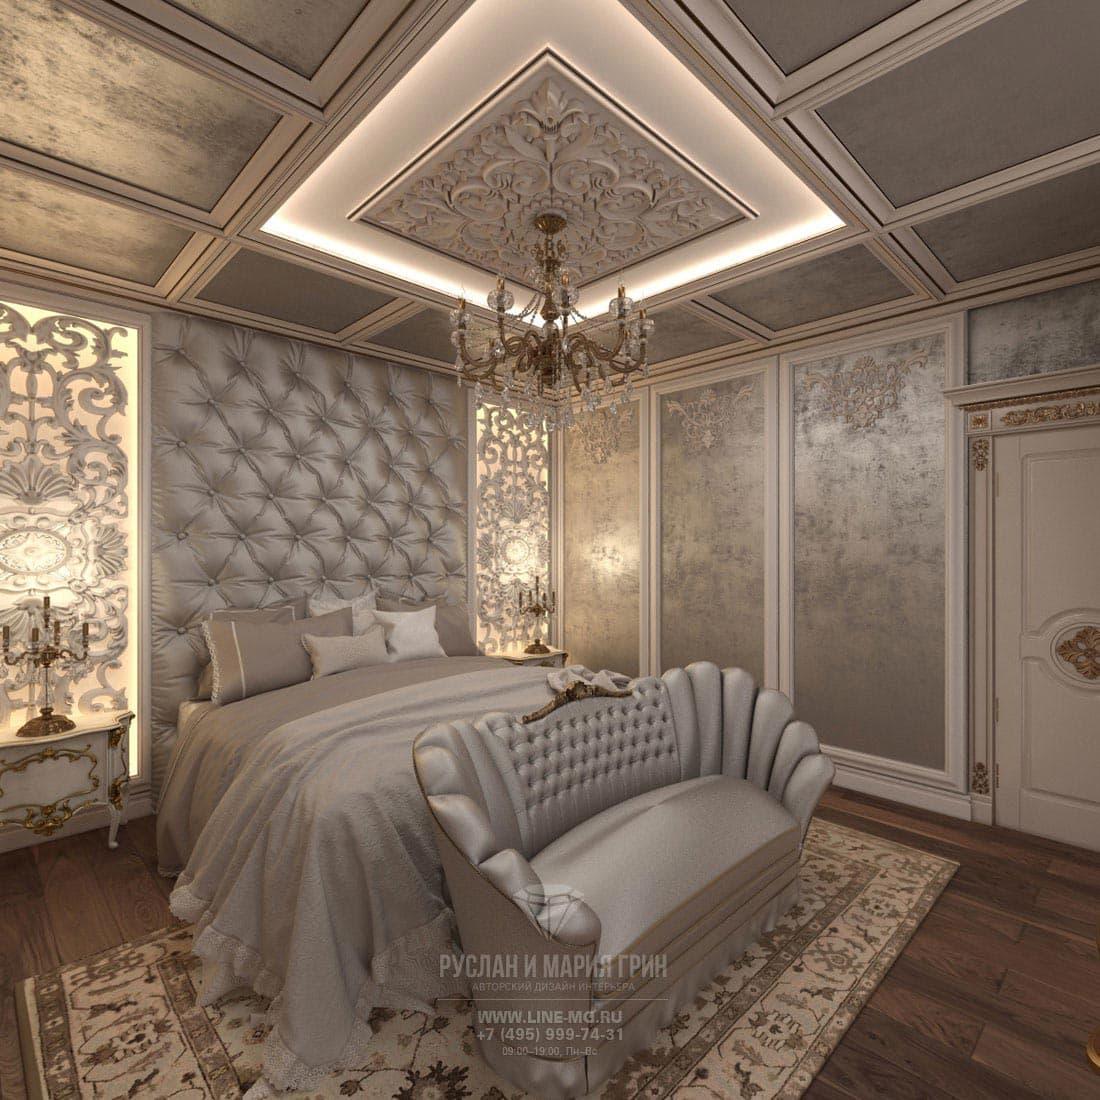 Интерьер спальни с отделкой декоративной штукатуркой